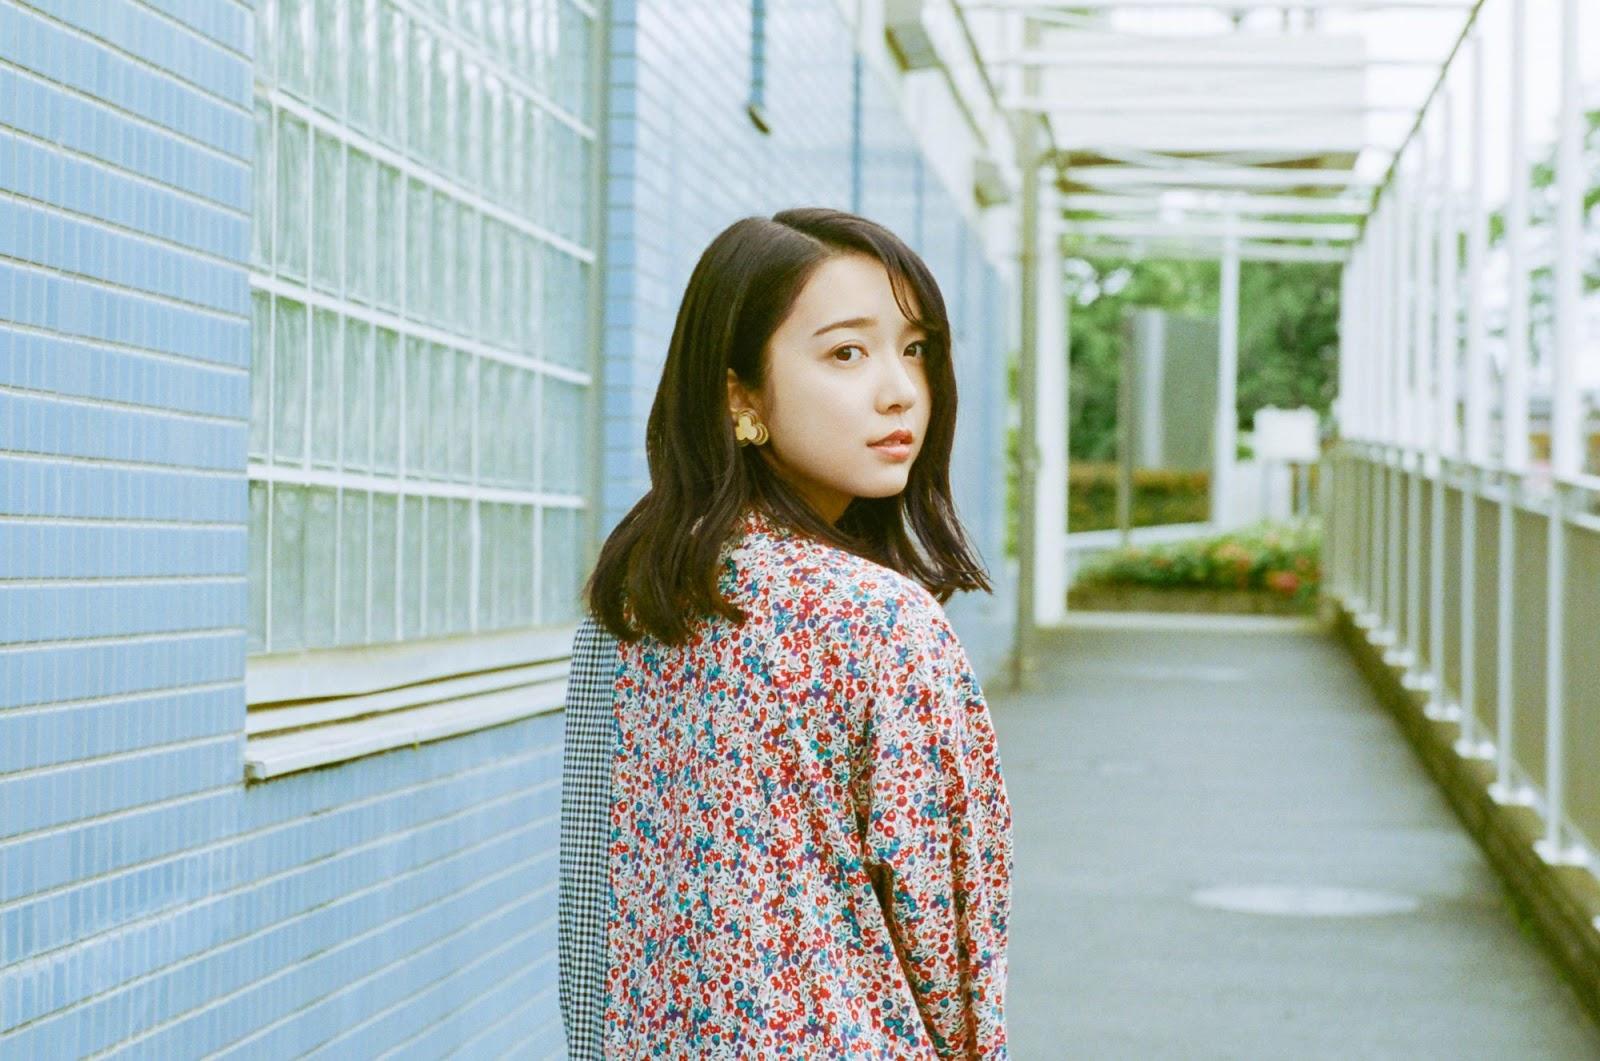 上白石萌音 - Little Birds [2020.08.12+MP3+RAR]